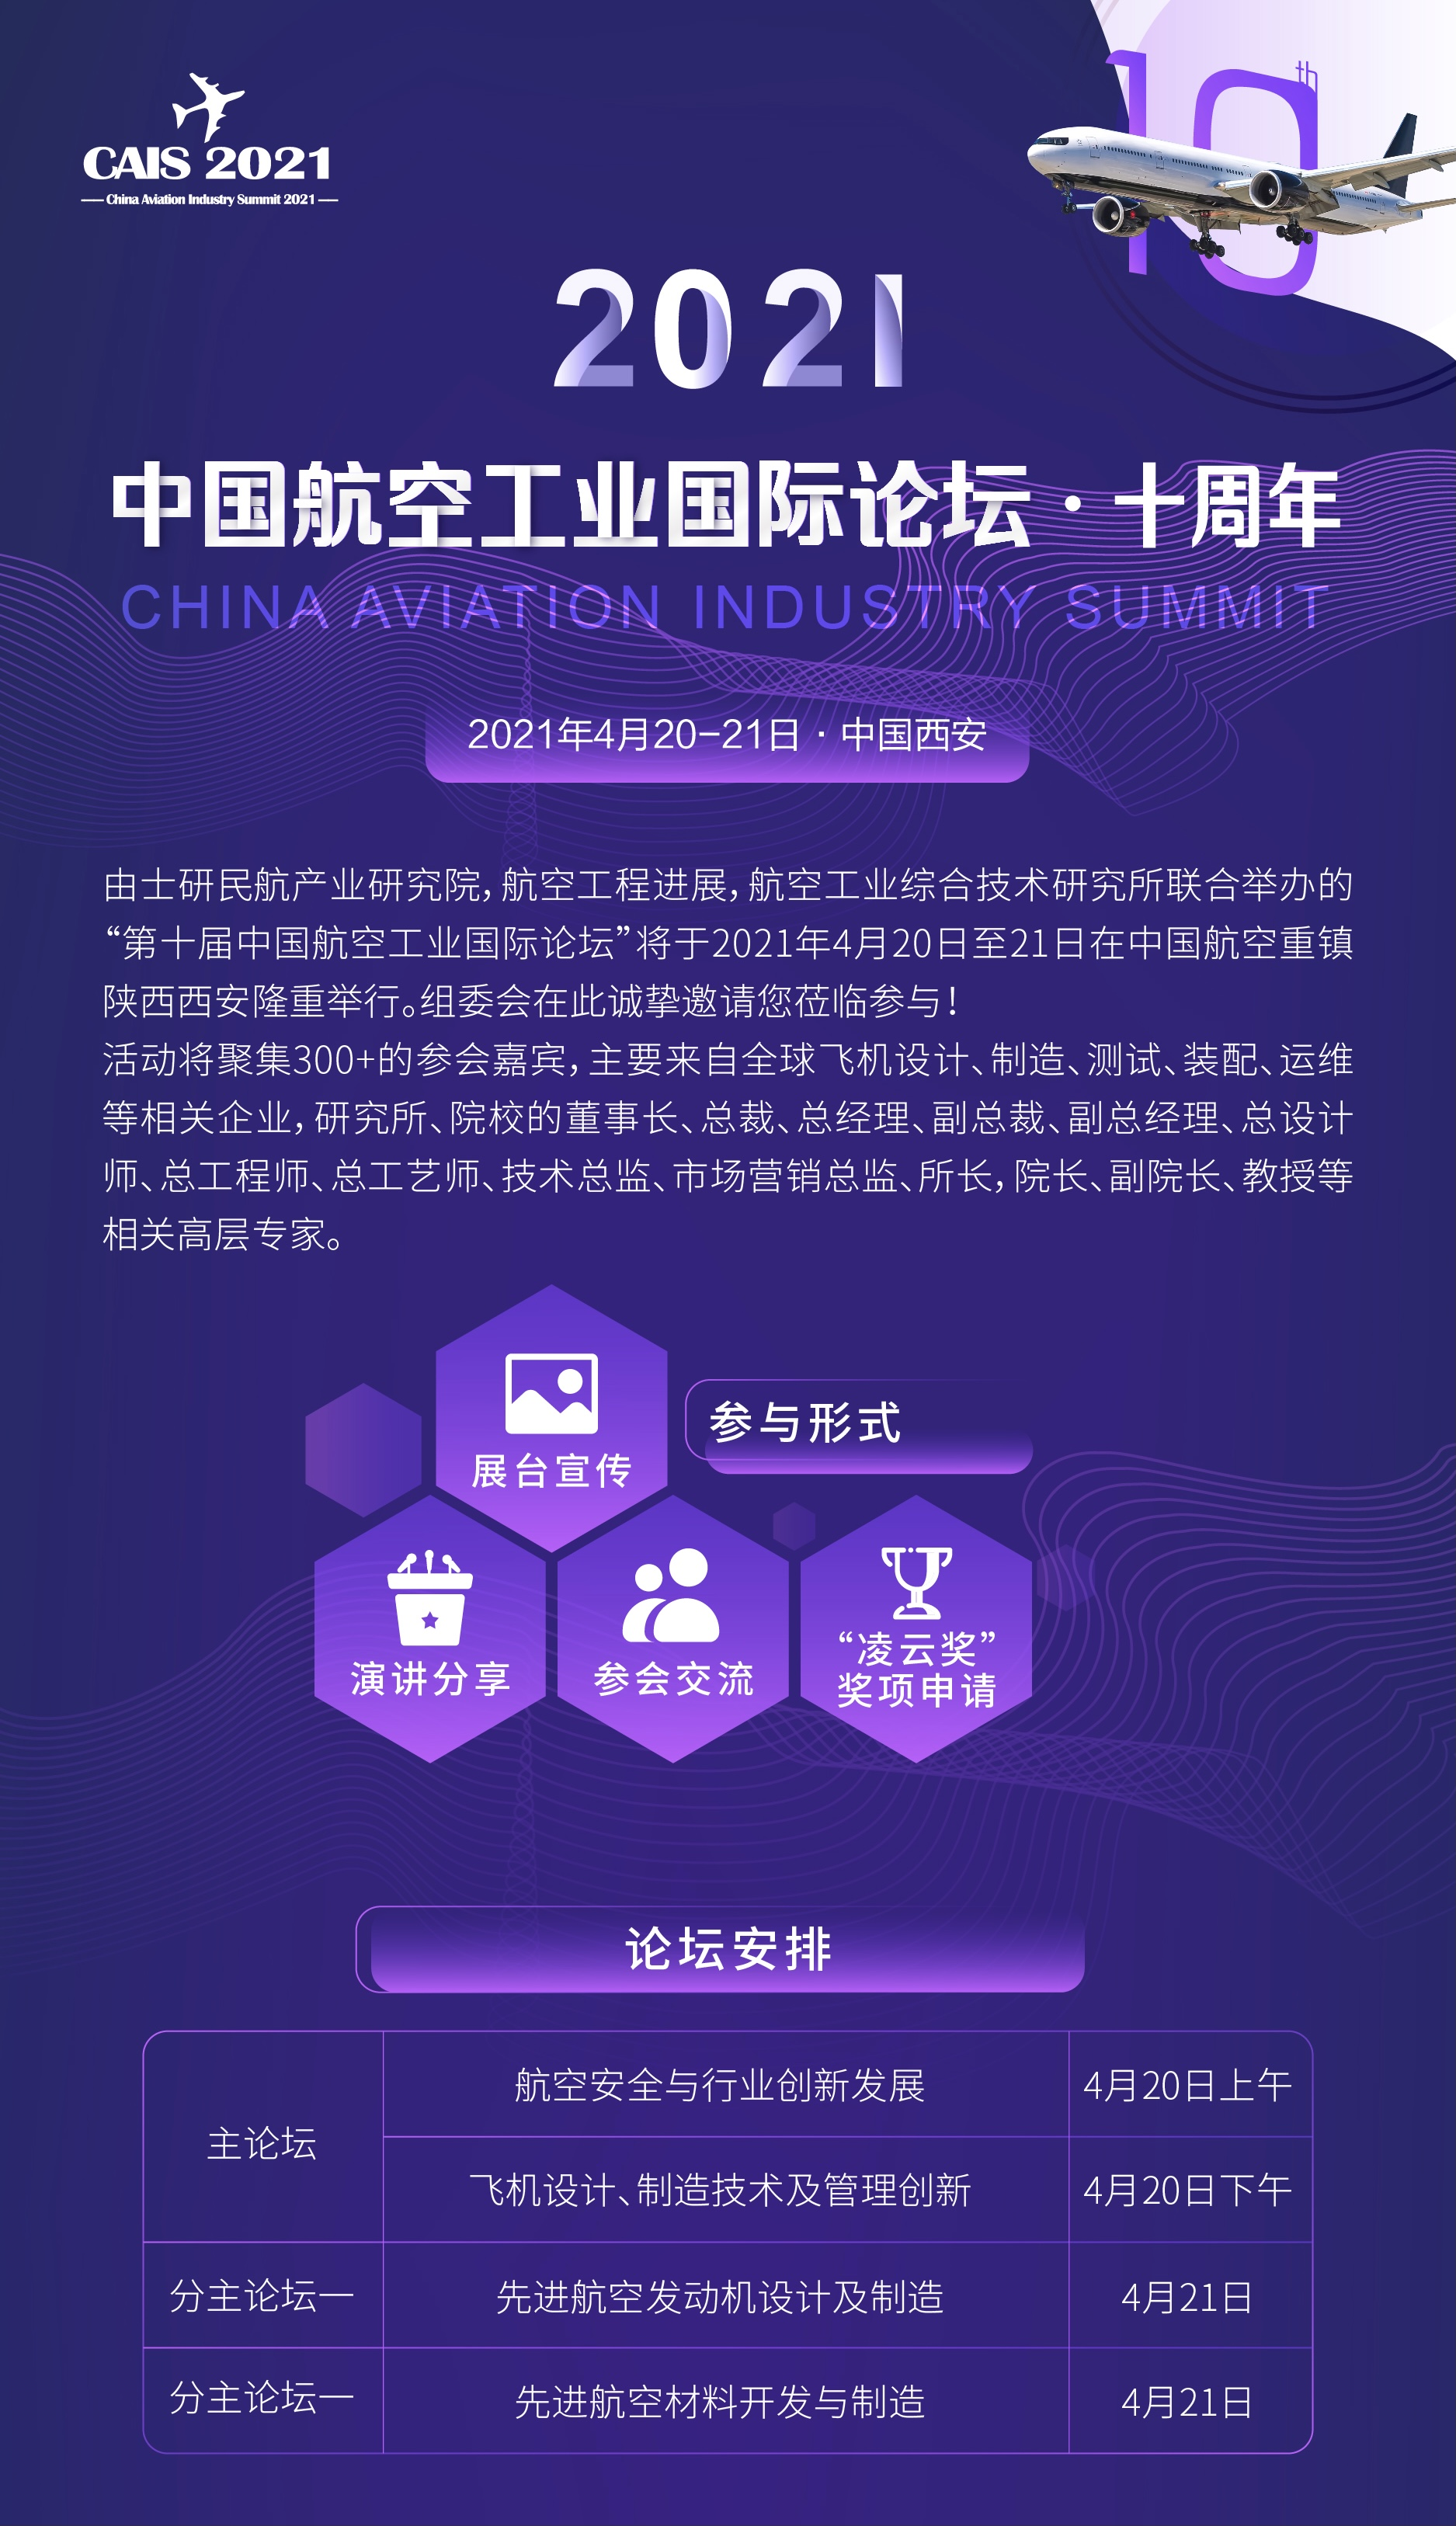 第十届中国航空工业国际论坛-- 2021年4月20日-21日